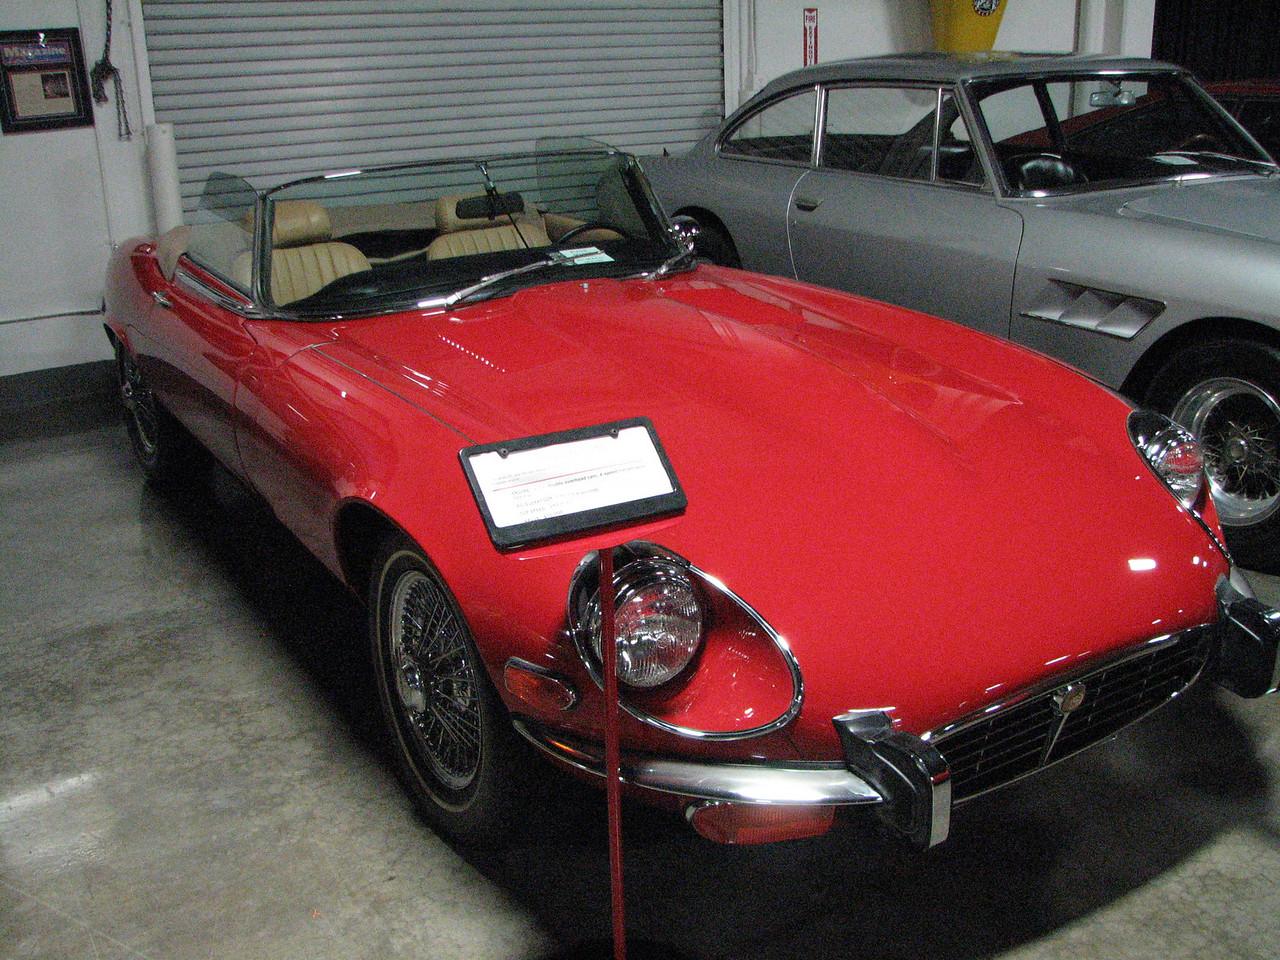 2008 06 10 Tue - 1973 Jaguar XKE V-12 SIII